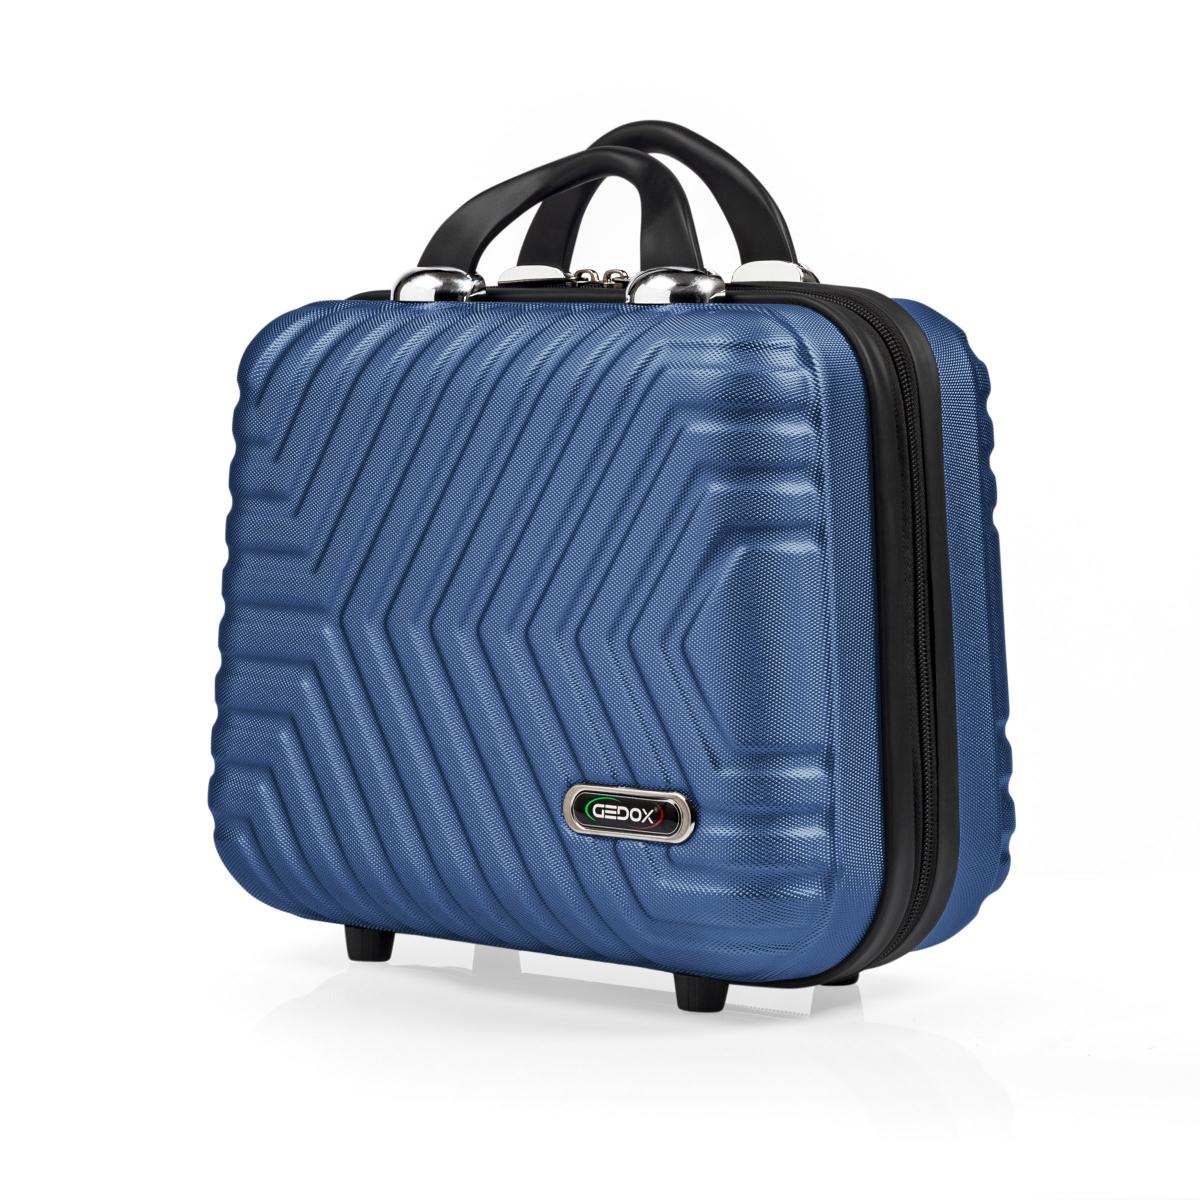 G&D Polo Suitcase Abs Makyaj&Hostes El Çantası Model:615.05 Çivit Mavi